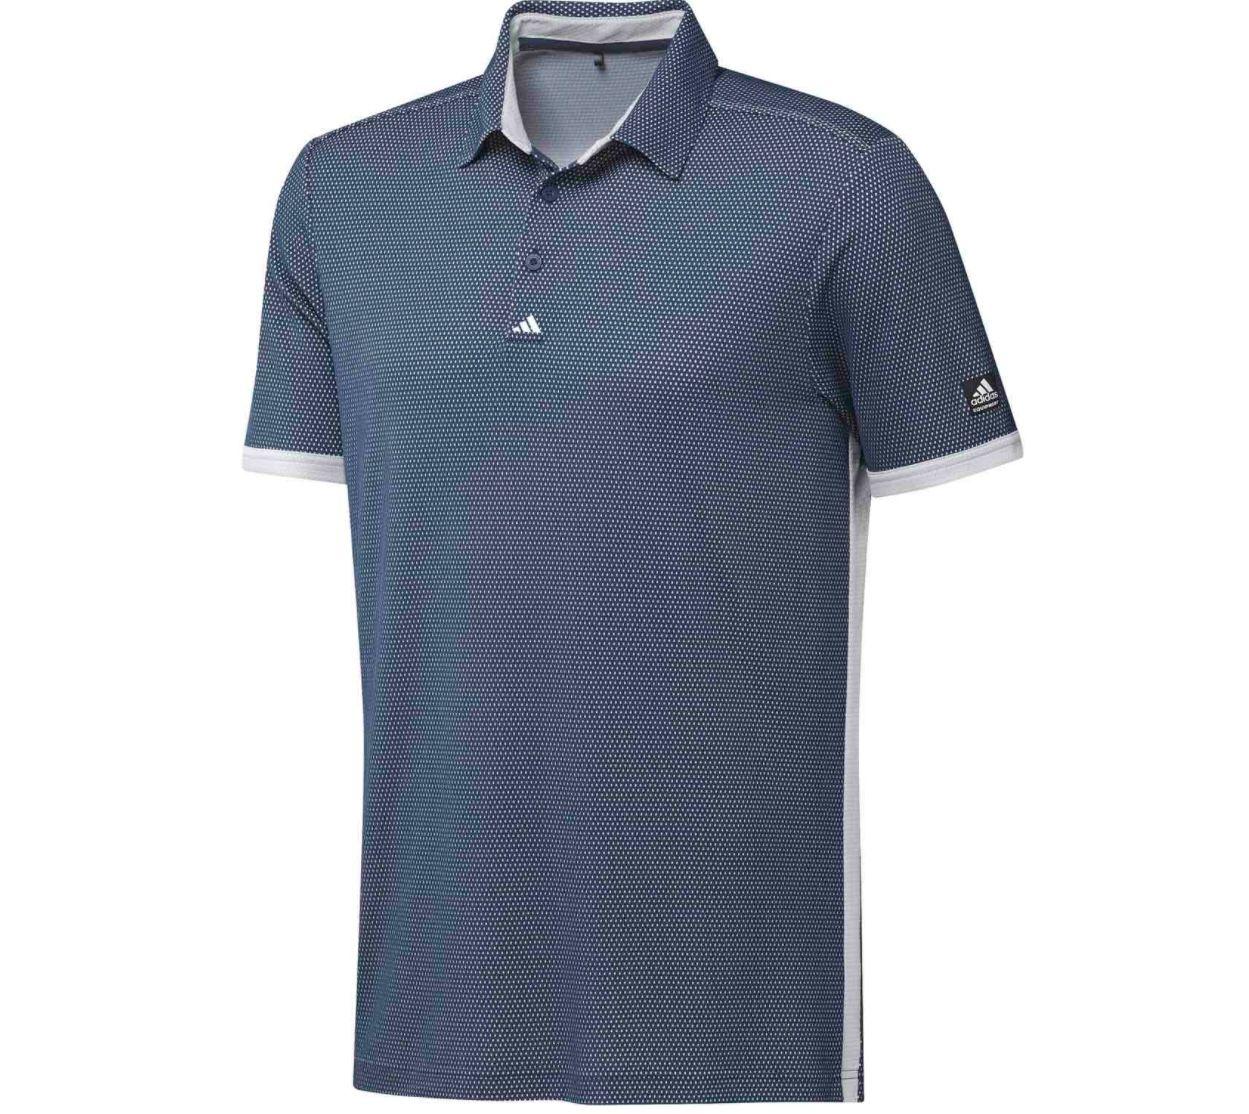 adidas Equipment Two Tone Mesh Poloshirt mit UV Schutzfaktor 50+ für 39,95€(statt 55€)